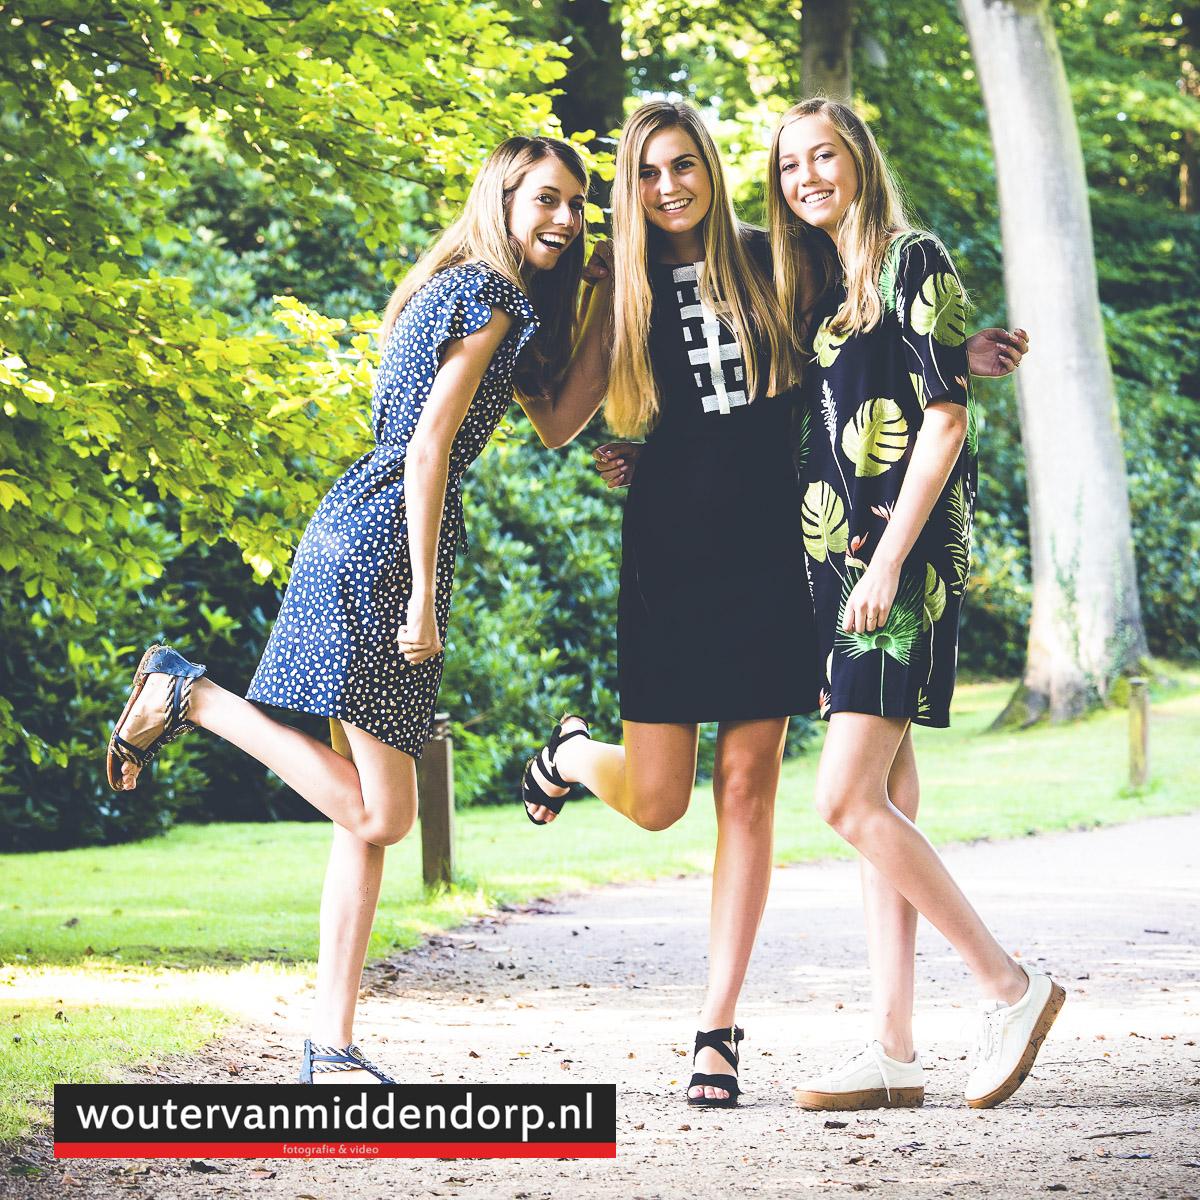 fotografie, Wouter van Middendorp, omgeving Staverden, Uddel, Veluwe, Nunspeet, Putten (6)